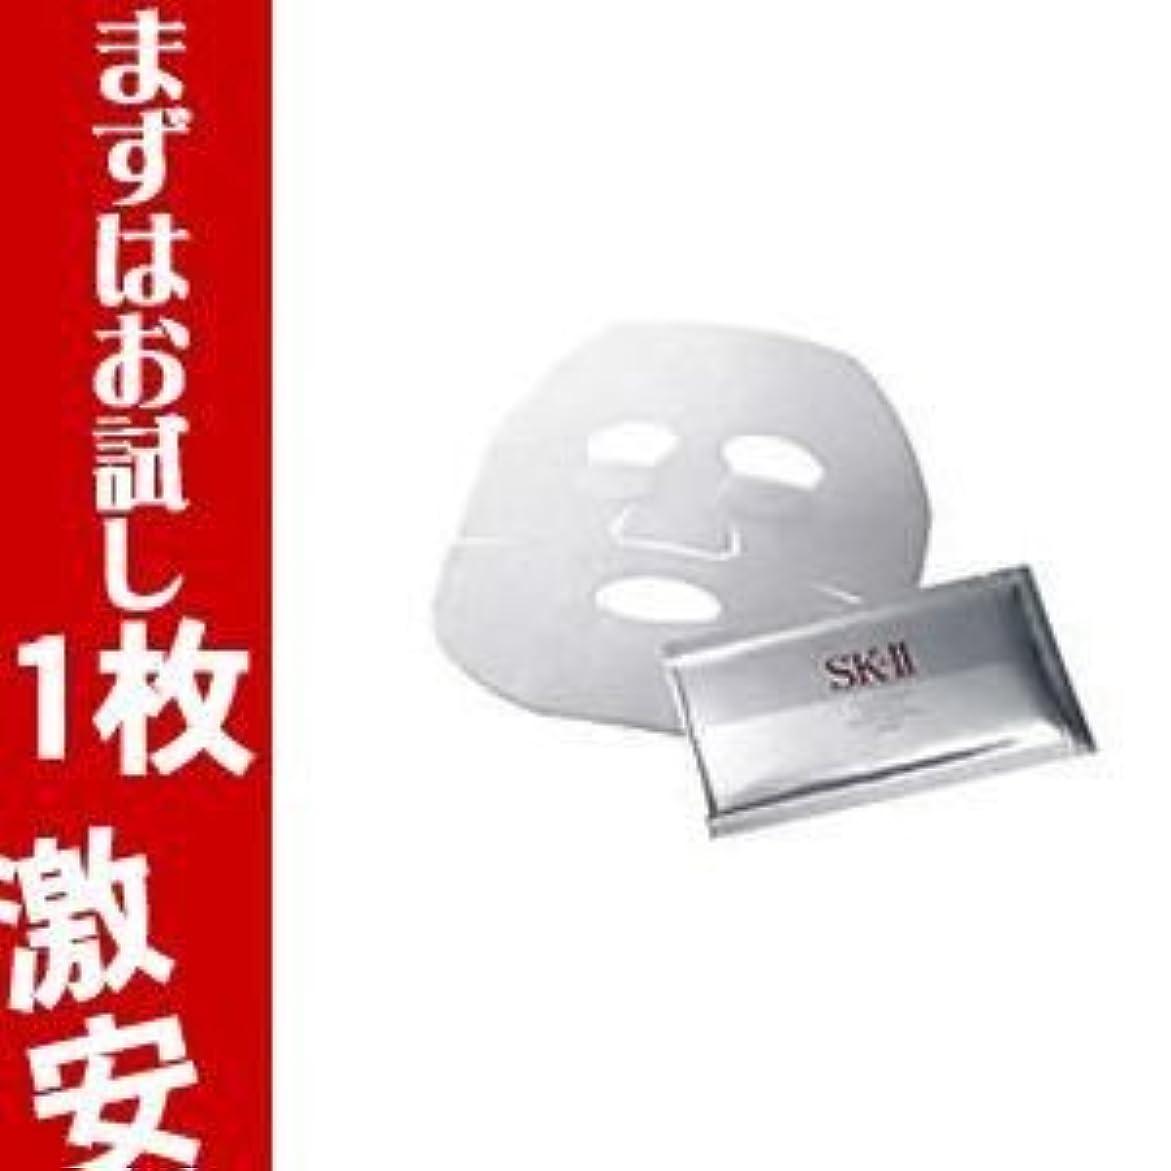 封筒融合降伏【SK-II SK-2】 ホワイトニングソース ダーム リバイバル マスク 1枚  【箱なし】